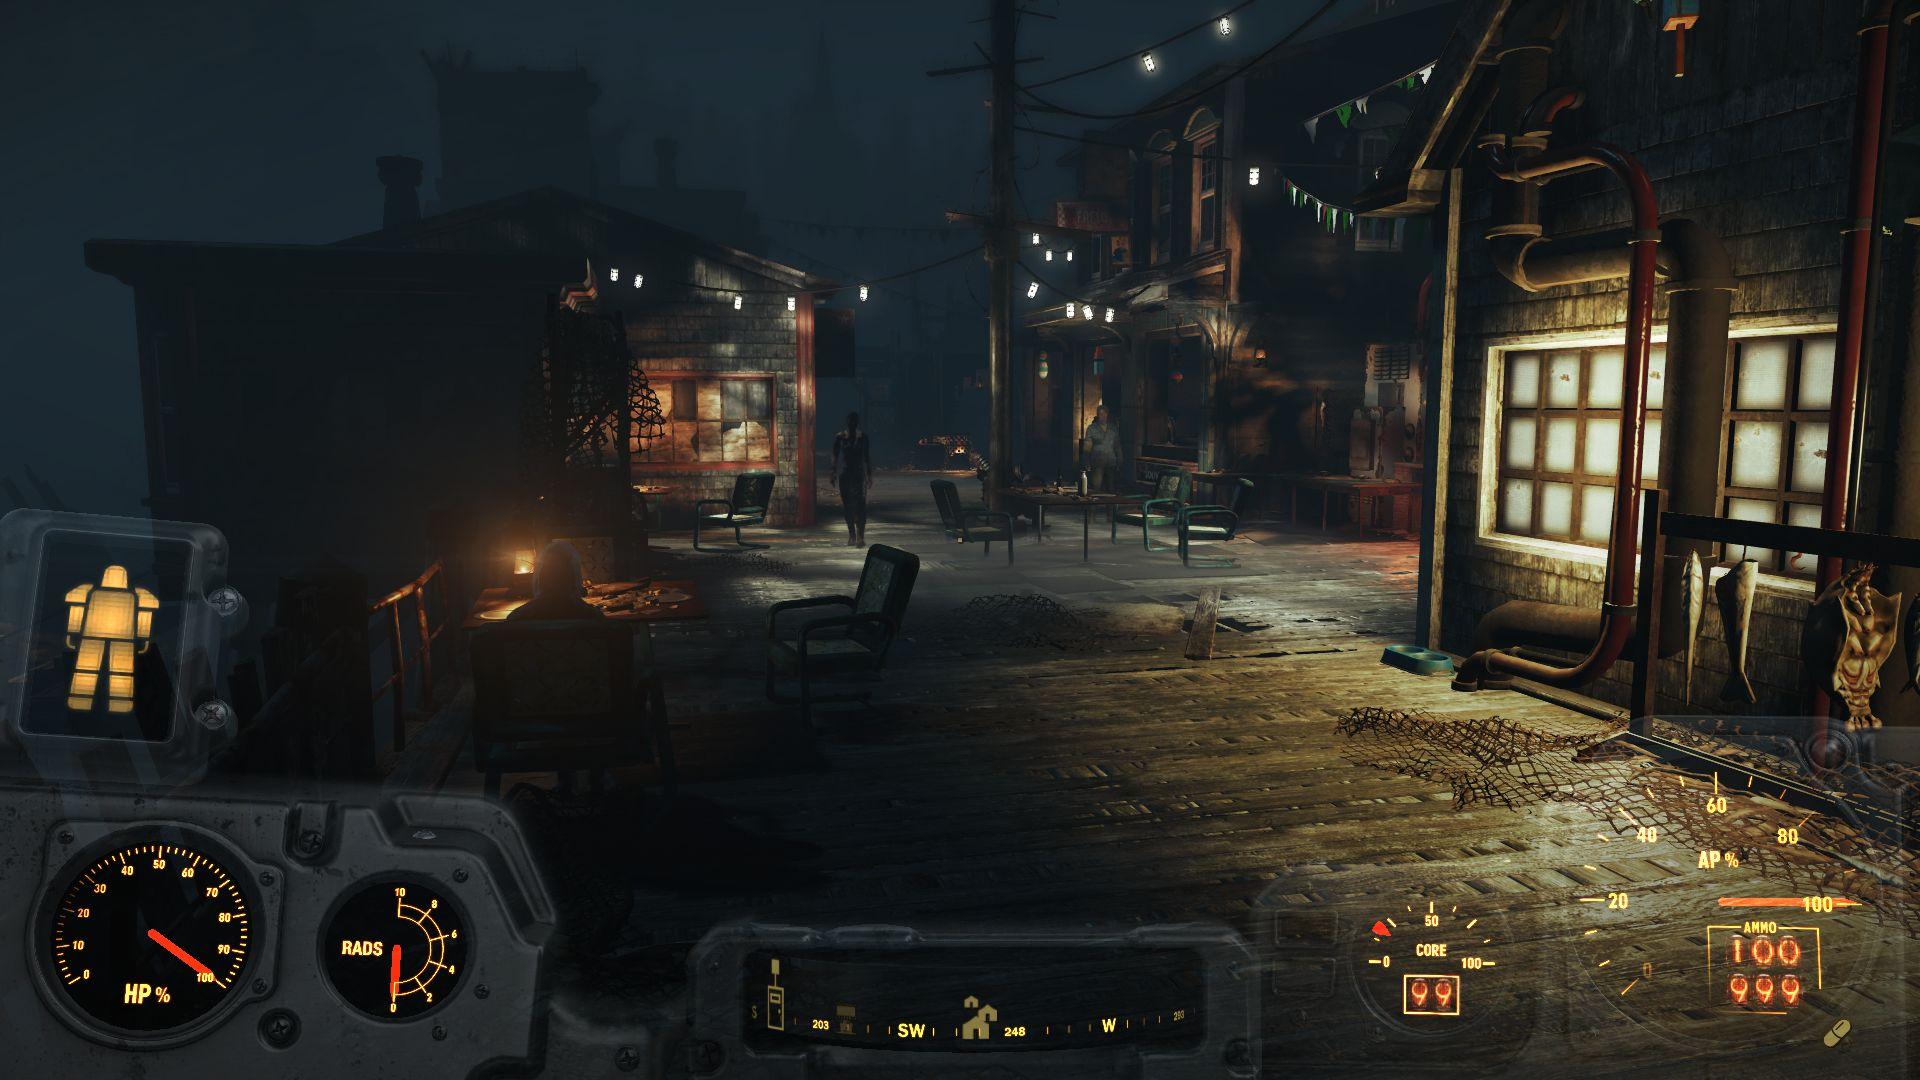 Пристань Фар-Харбор ночью - Fallout 4 остров, пристань